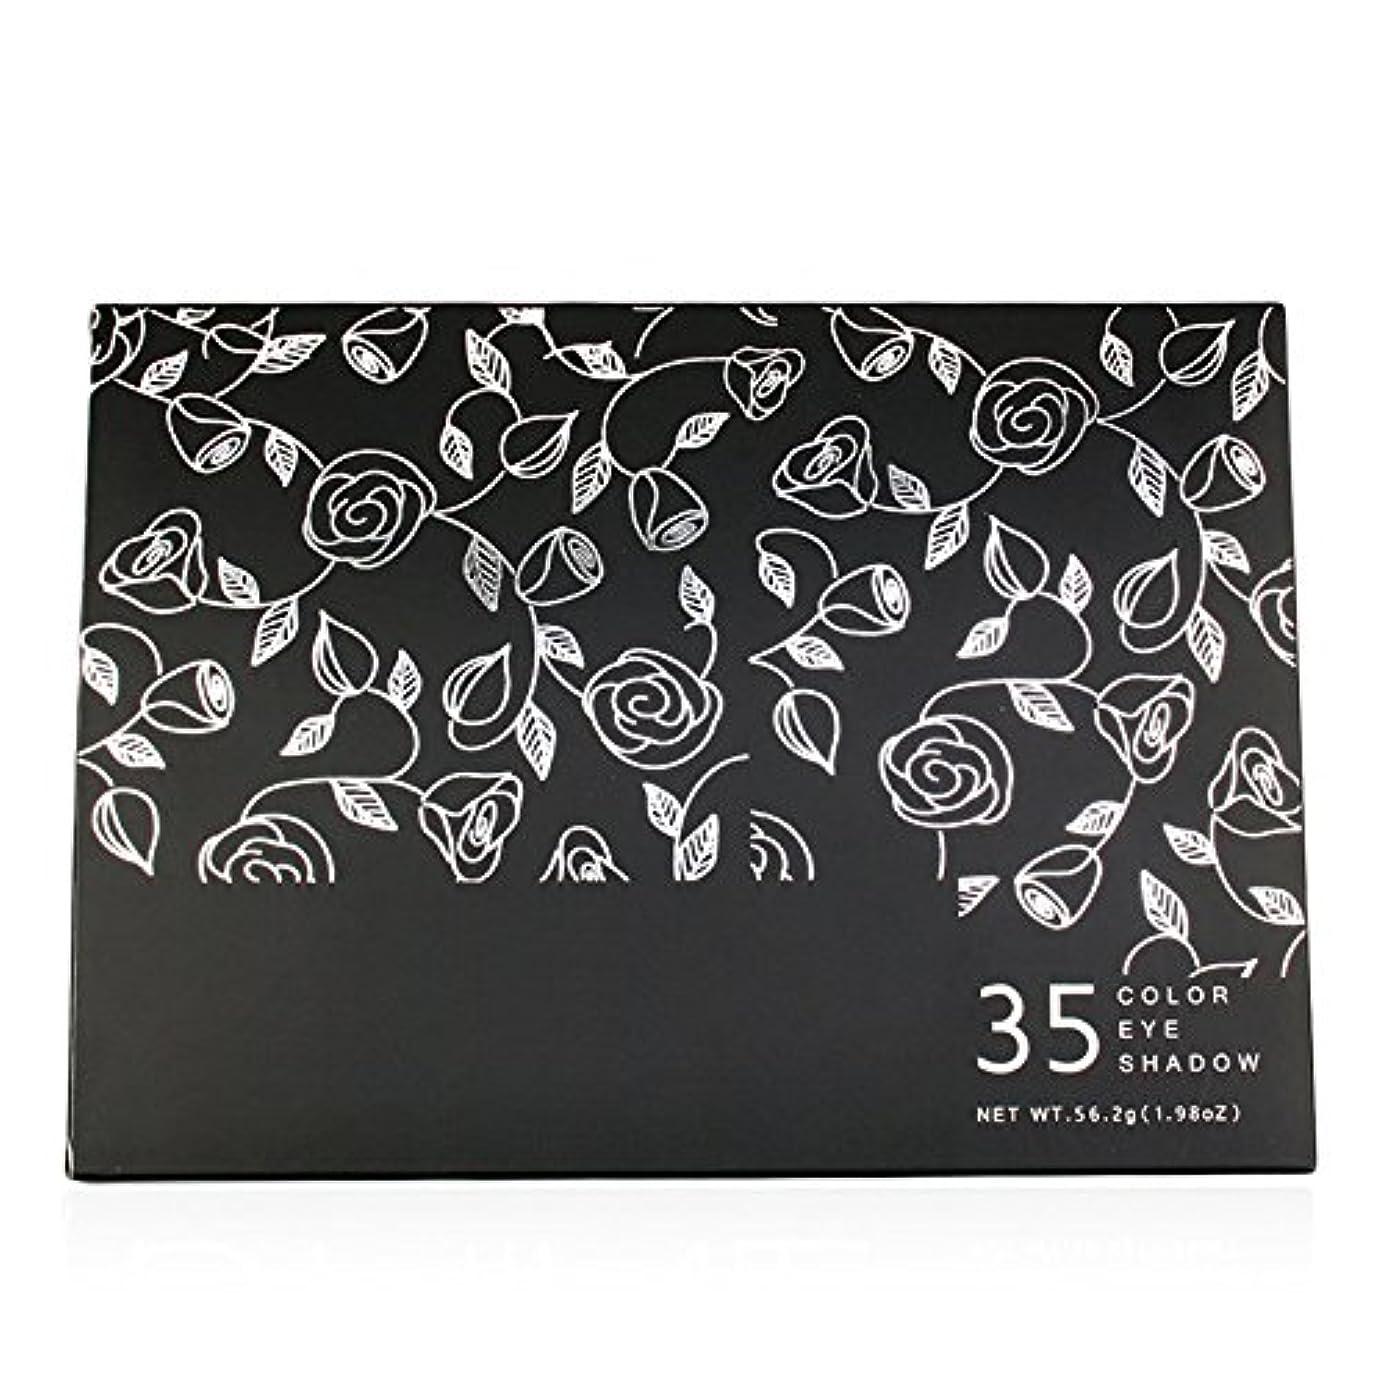 番号キャンパスステンレスAkane アイシャドウパレット 35HC 魅力的 ファッション 気質的 綺麗 花柄 高級 マット チャーム 長持ち つや消し おしゃれ 持ち便利 Eye Shadow (35色)